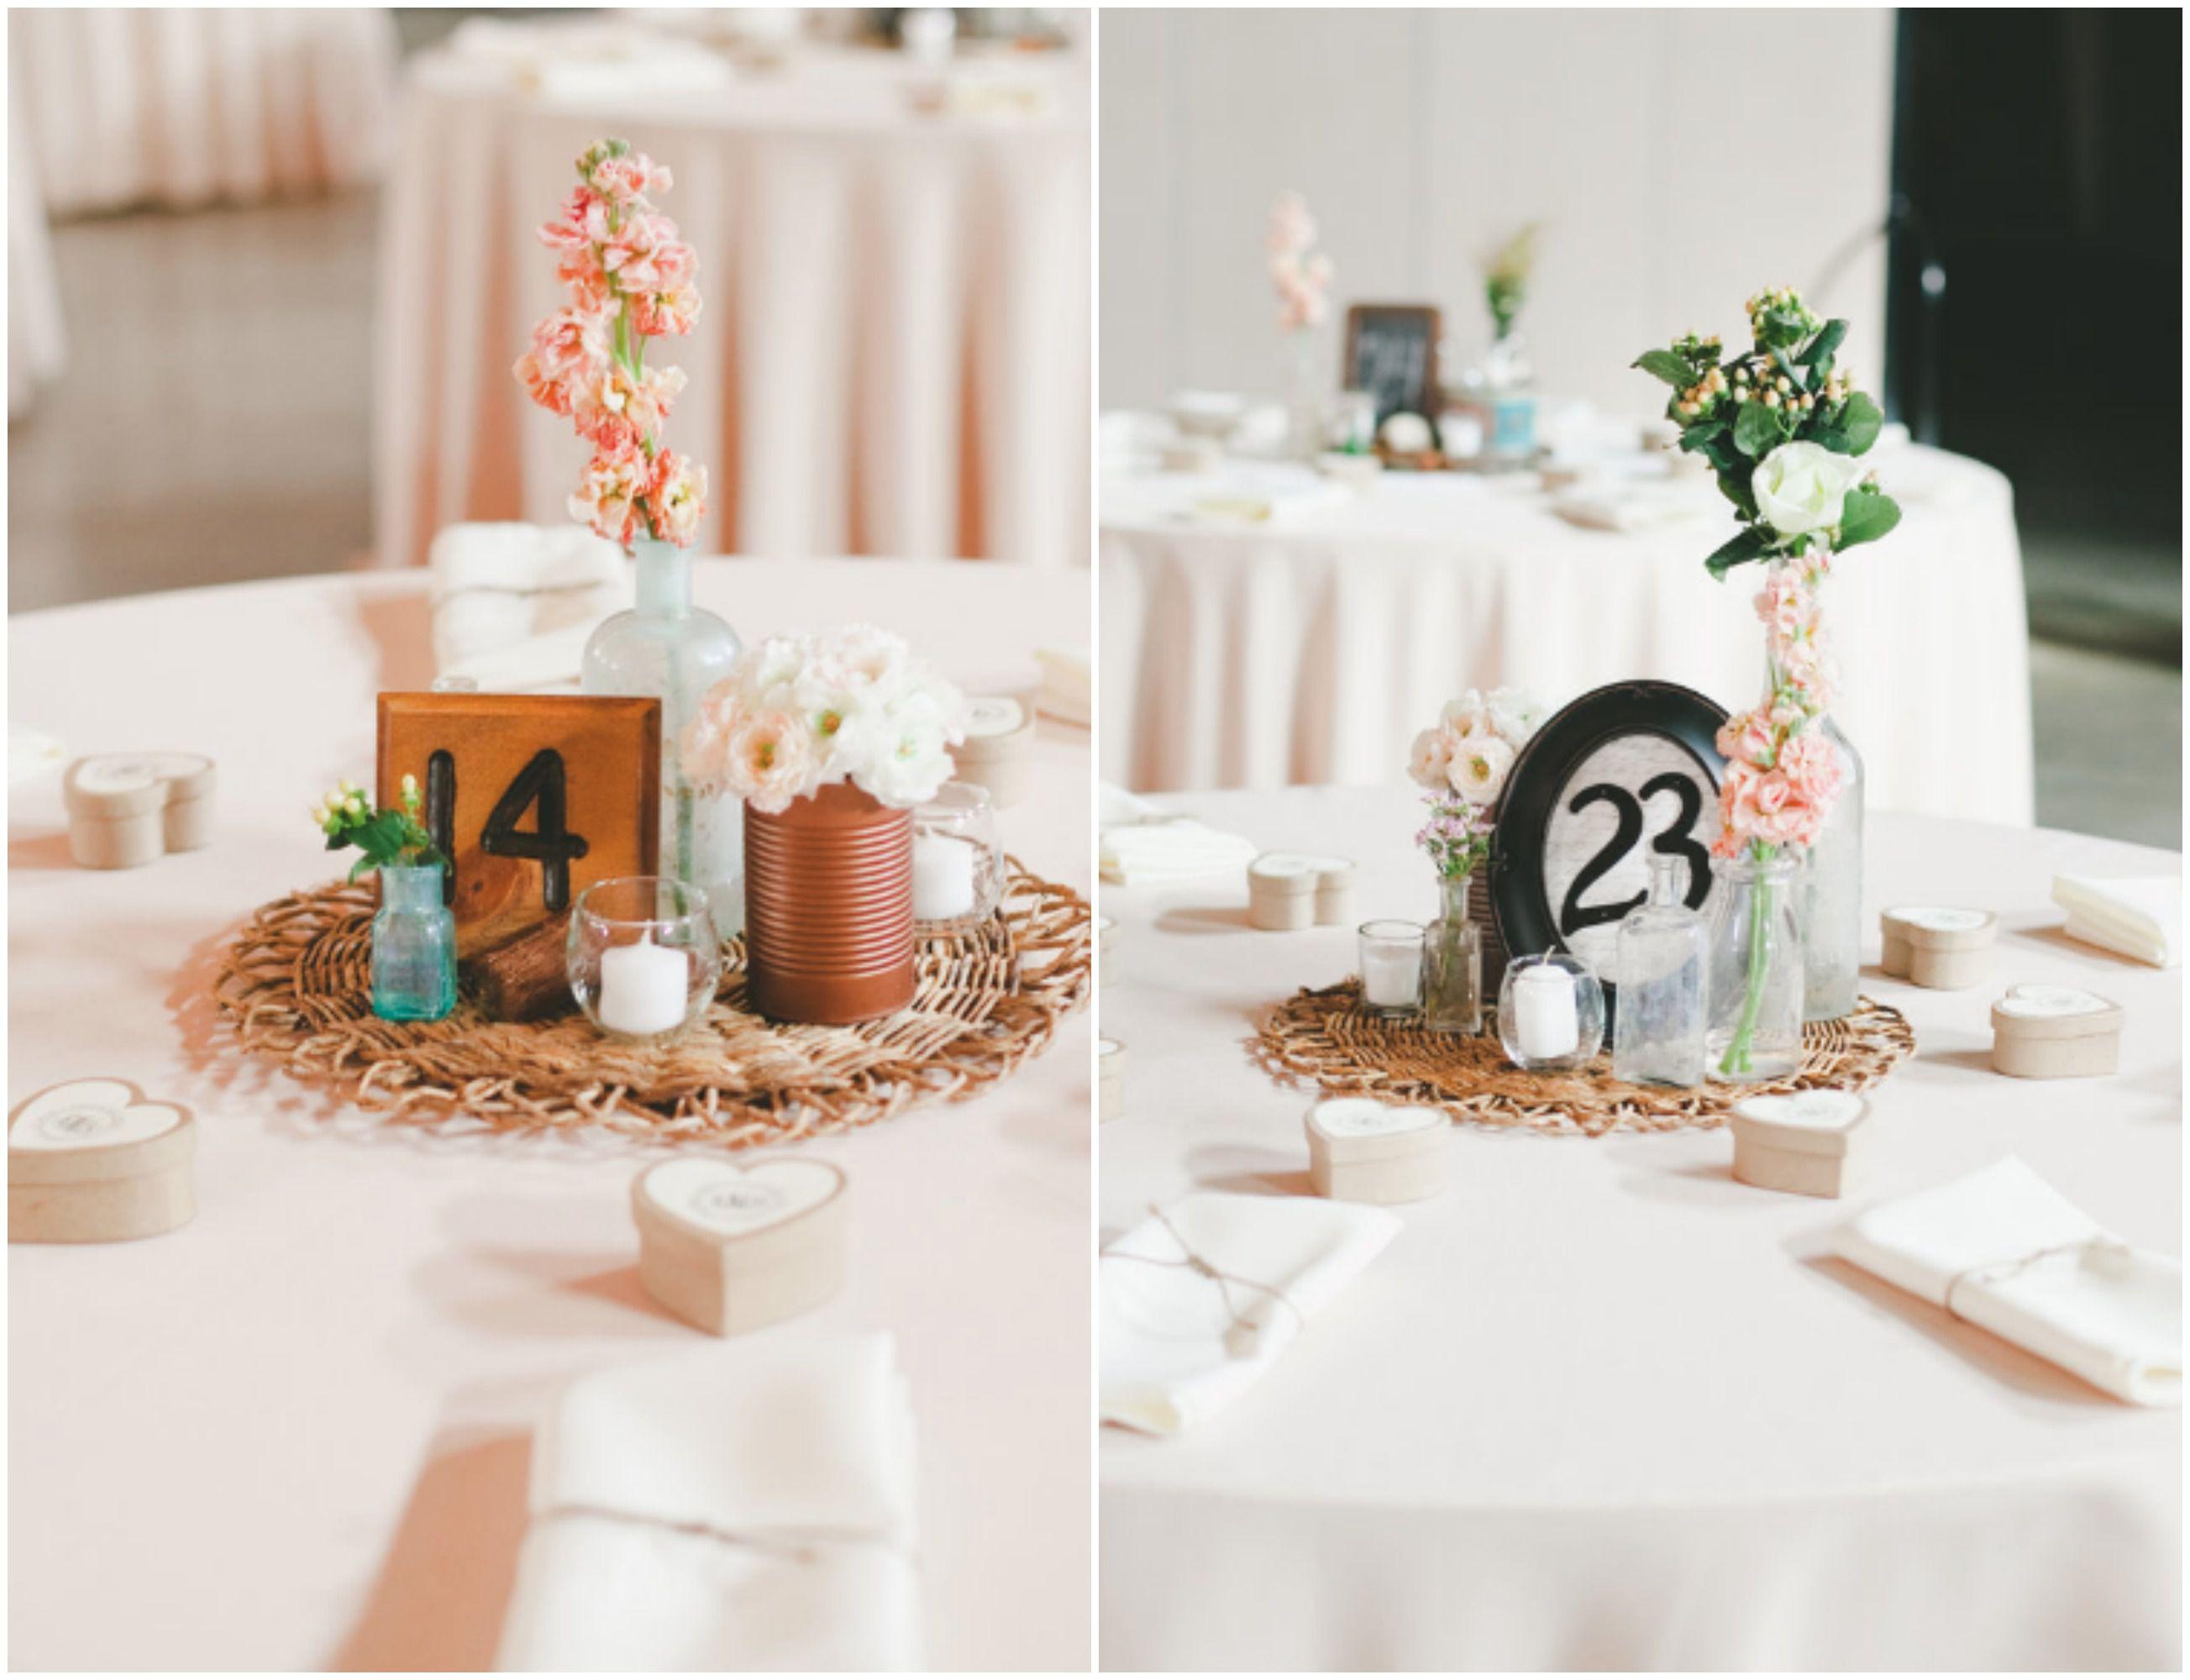 Summer Camp Rustic Wedding: Karen + Scott - Rustic Wedding Chic